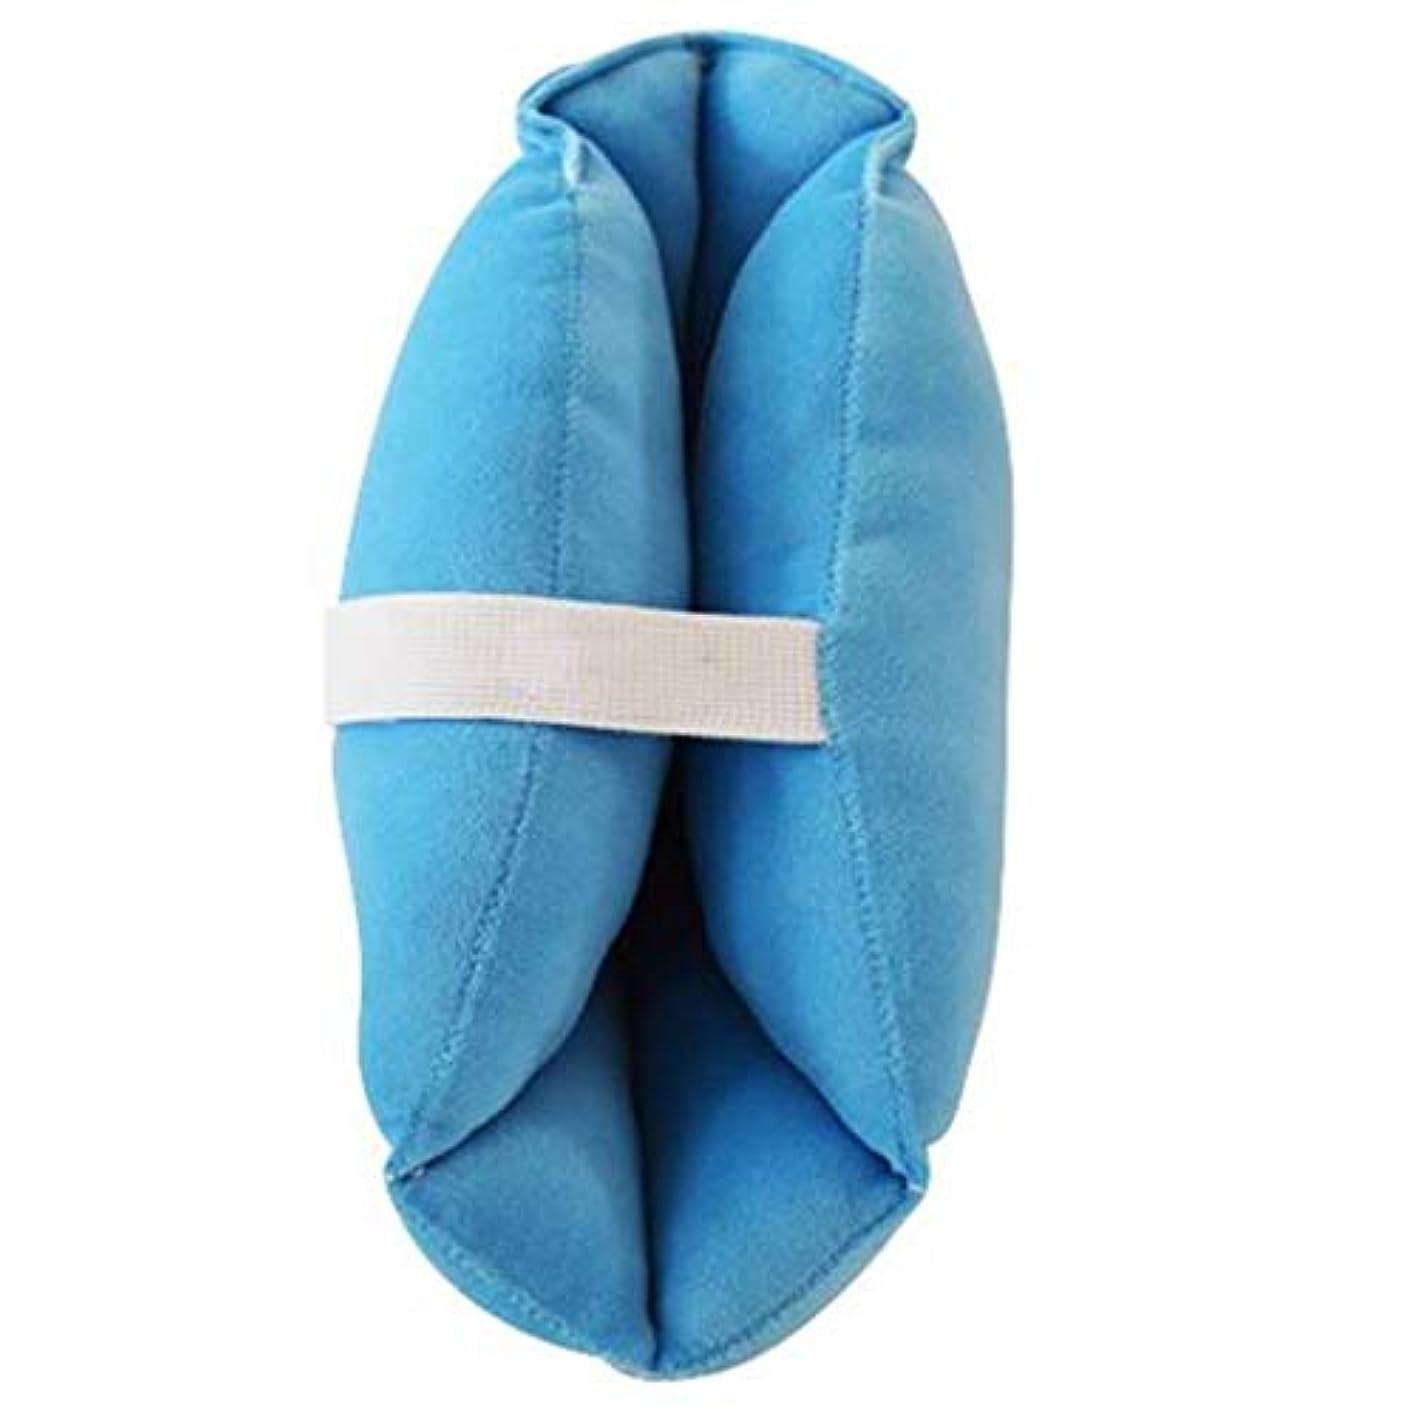 耕す市の中心部性別ソフトで快適なヒールプロテクター枕、ヒールフローティングヒールプロテクター、,瘡のためのアキレス腱プロテクター、高齢者の足矯正カバー (Color : 1pair)